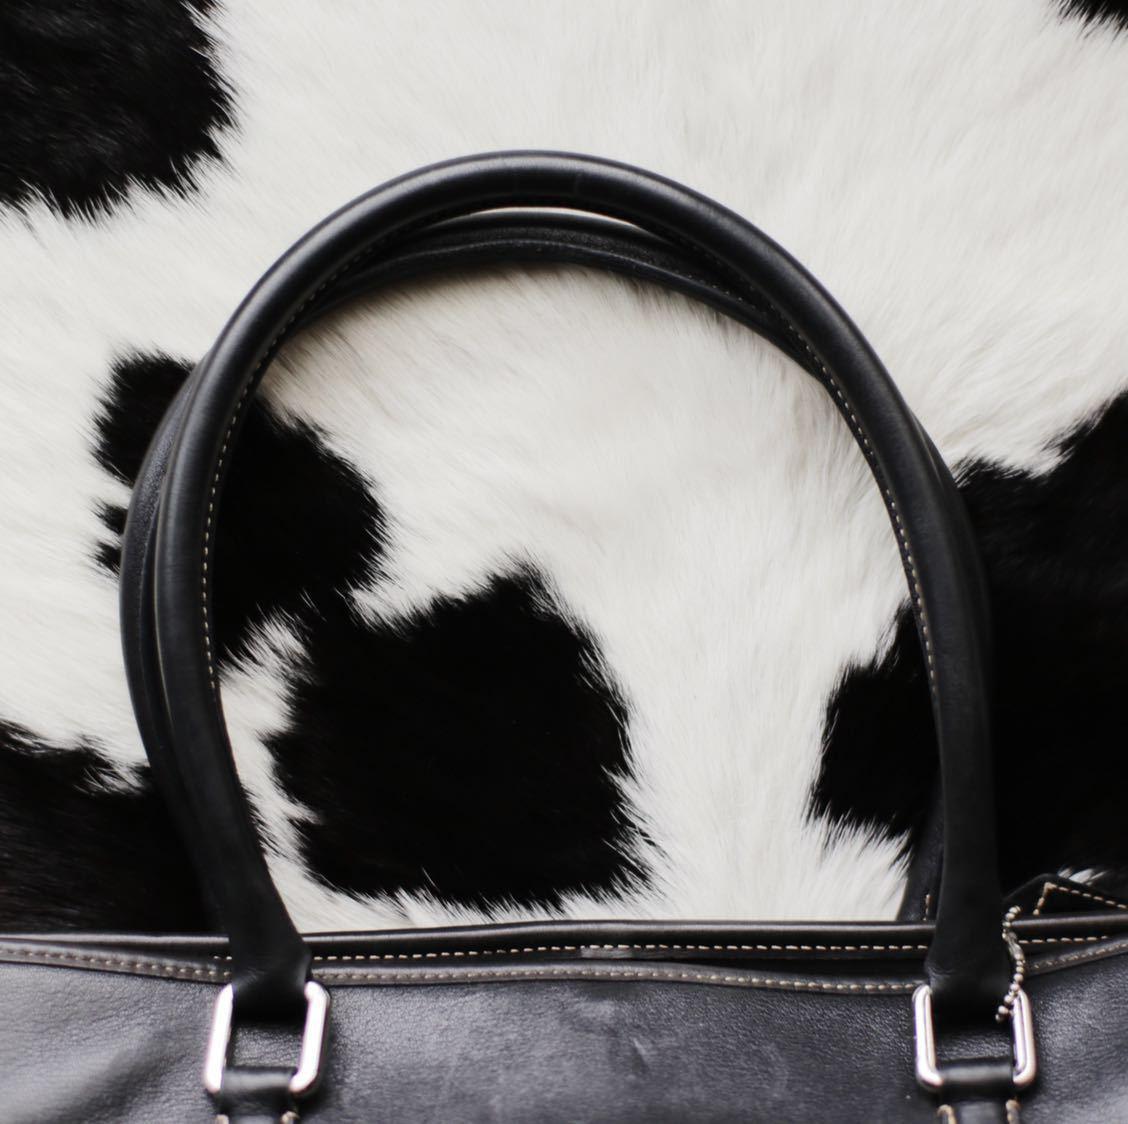 極美品 美品 コーチ COACH トートバッグ バッグ ビジネスバッグ 黒 ブラック レザー メンズバッグ 牛革 17万 オールドコーチ ヴィンテージ_画像8